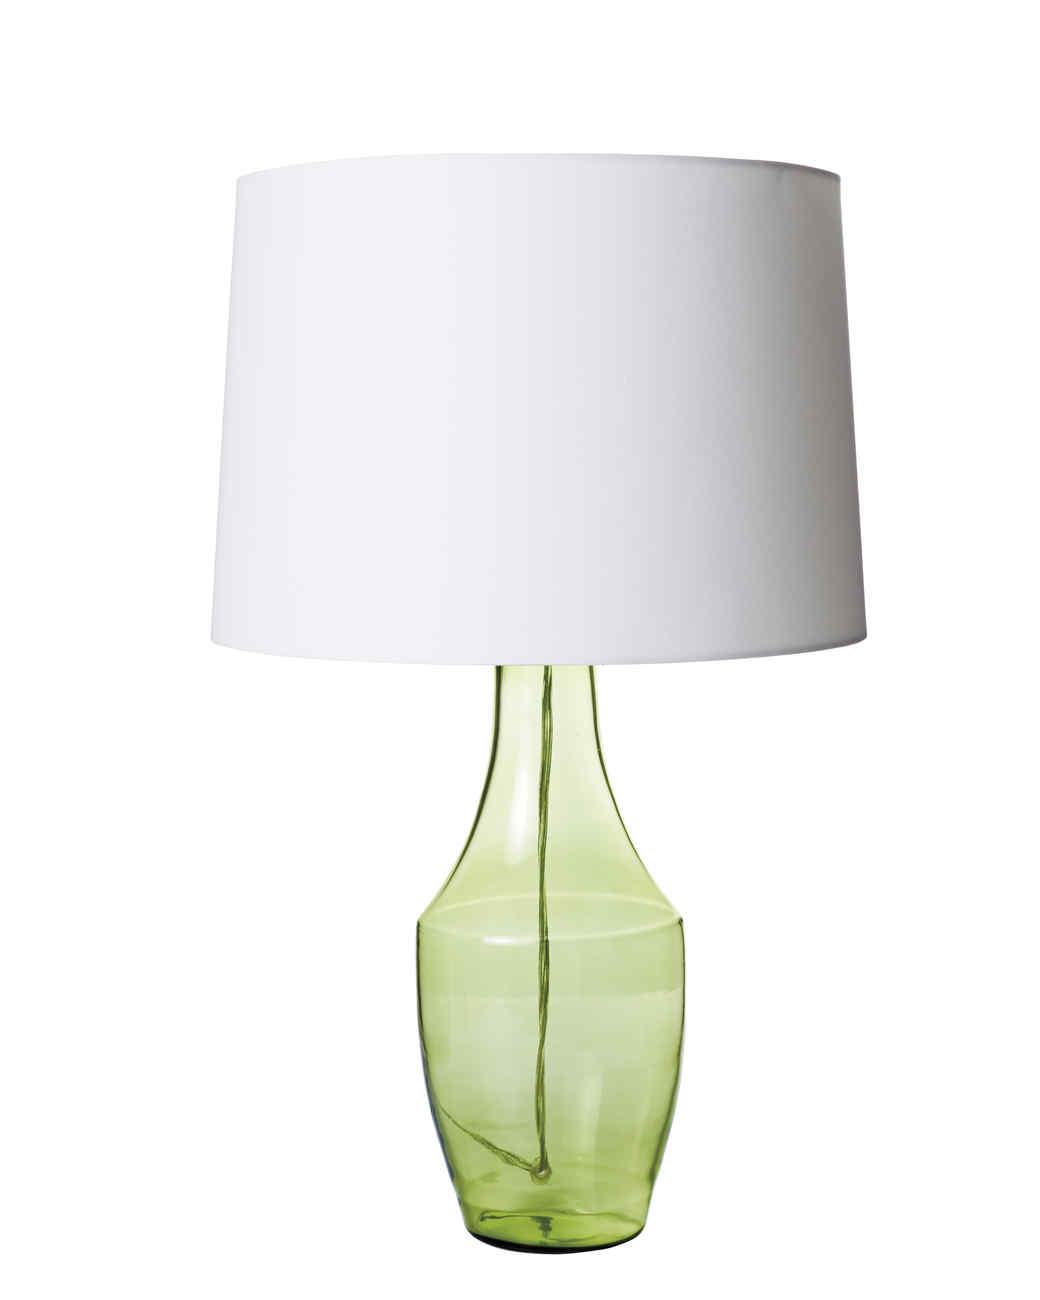 jcp-stpats-glasslamp-mrkt-0314.jpg